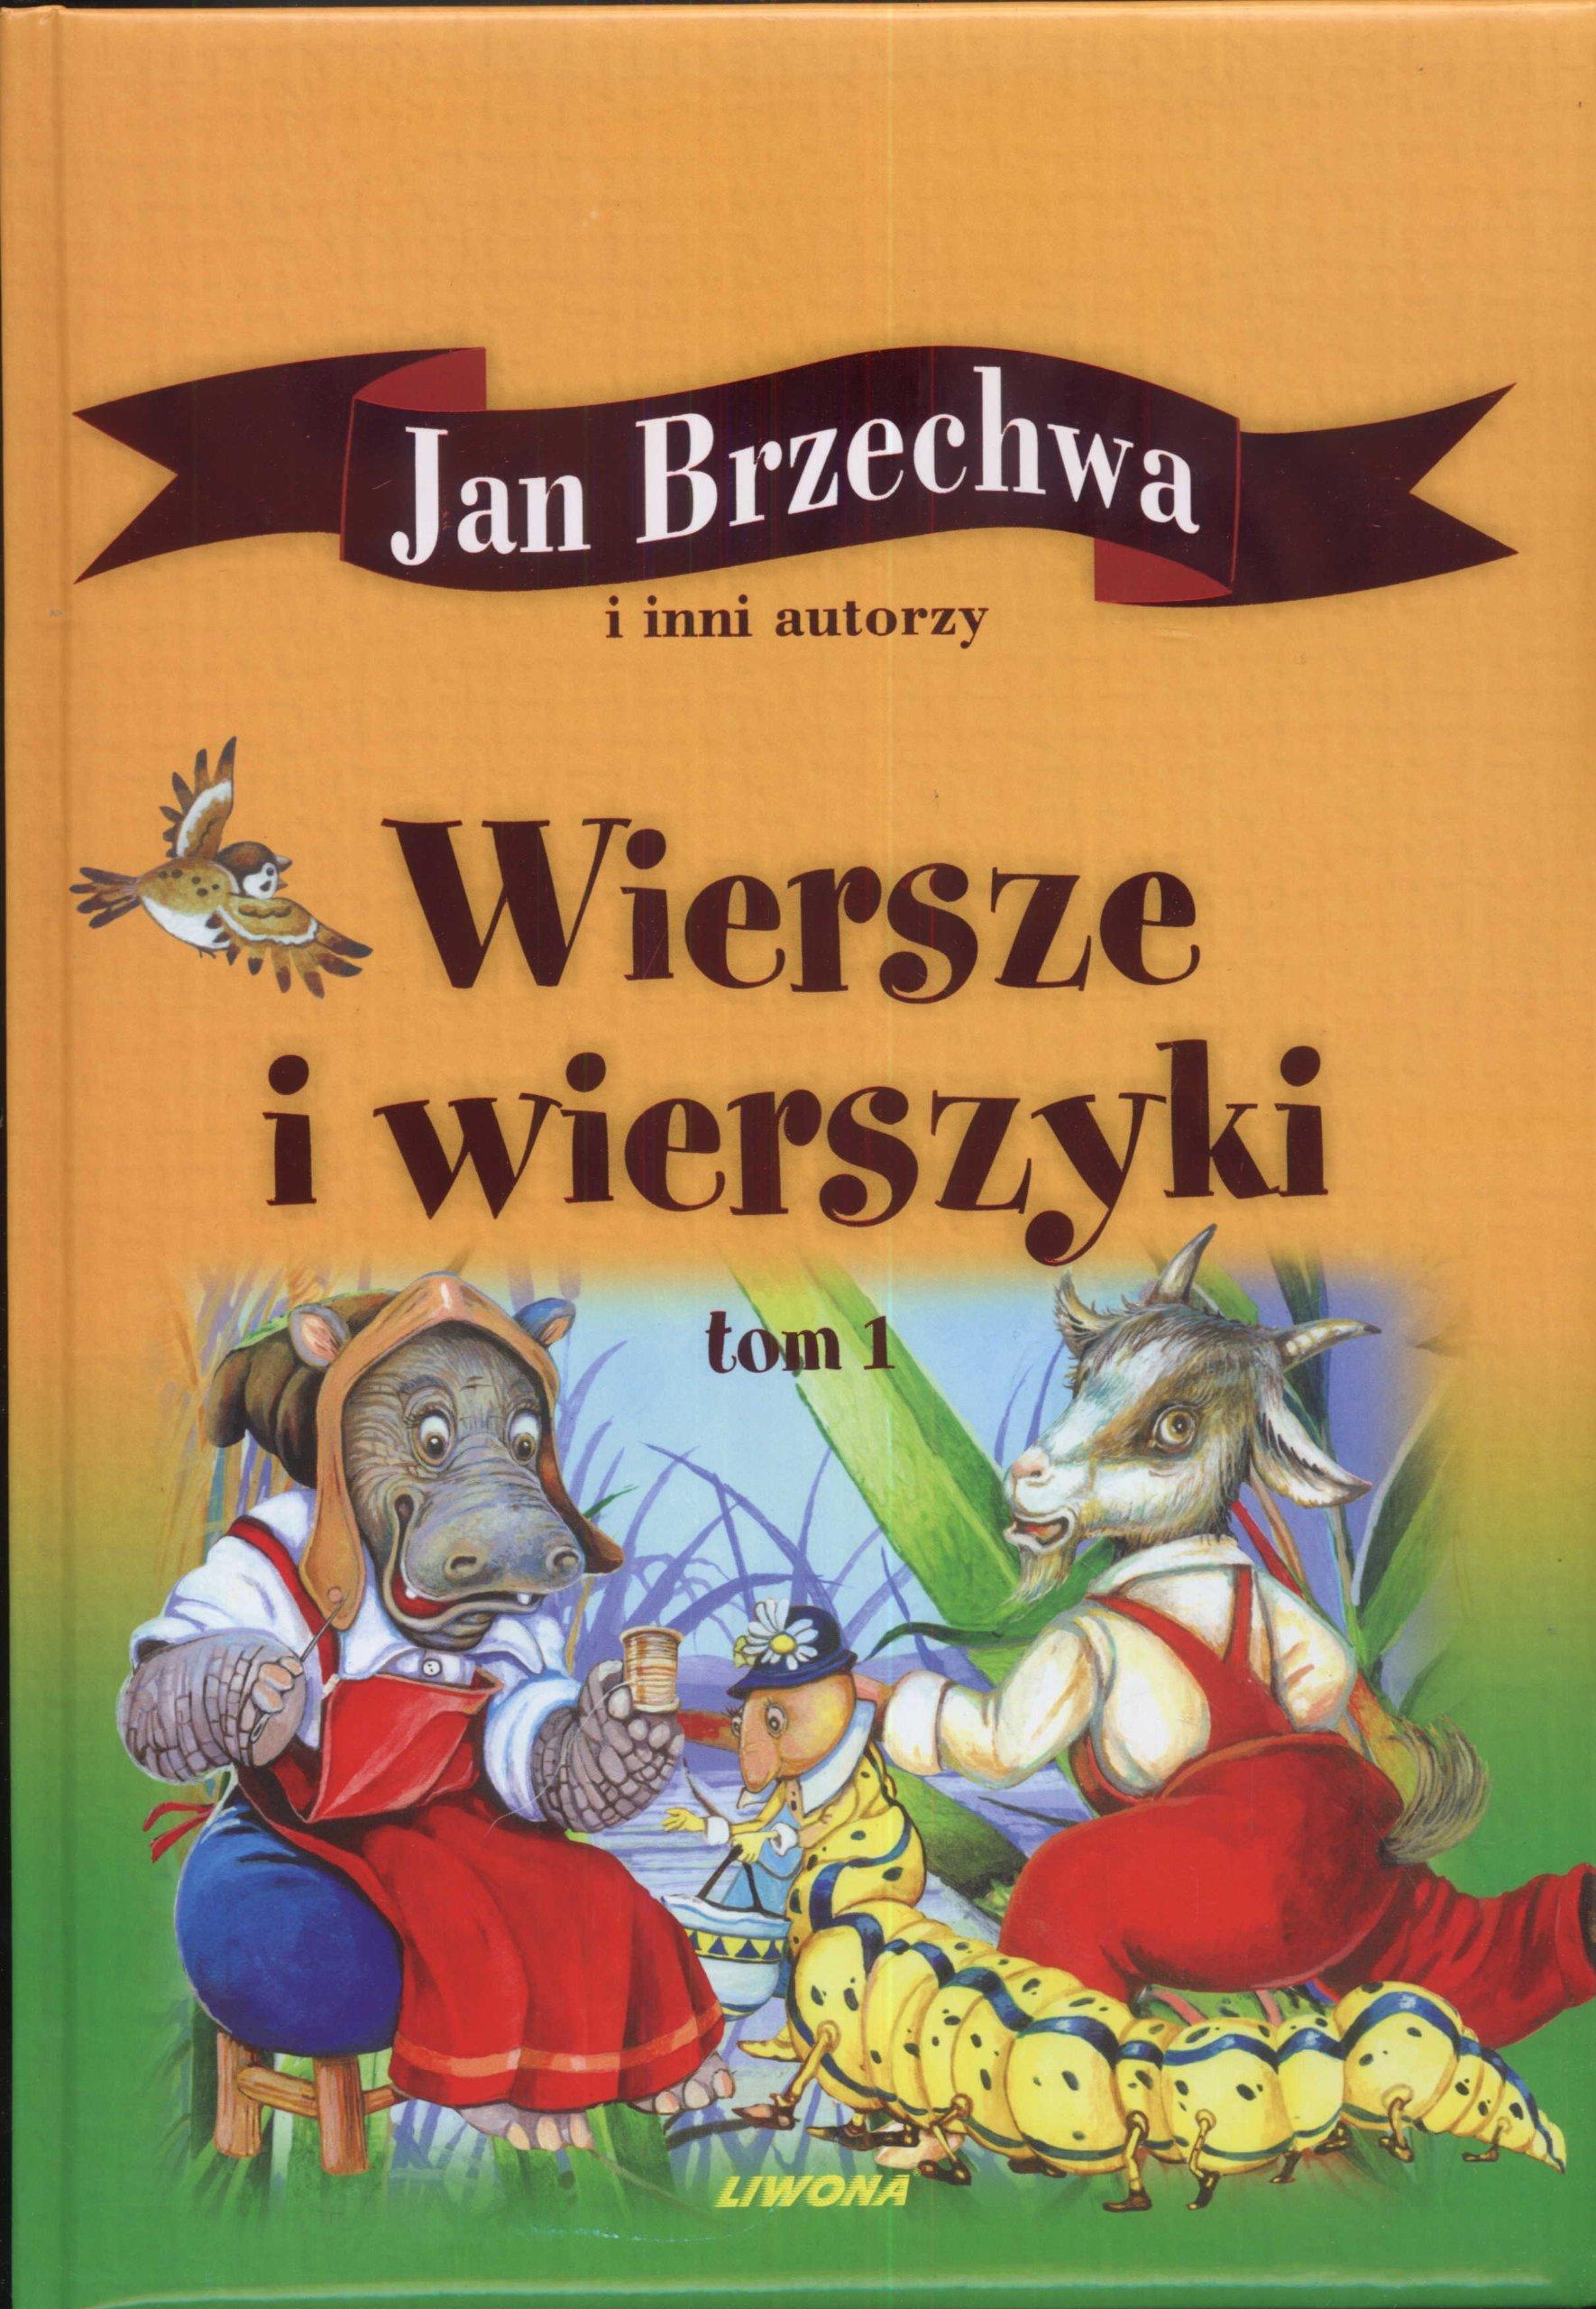 Wiersze I Wierszyki Tom 1 Amazones Jan Brzechwa Libros